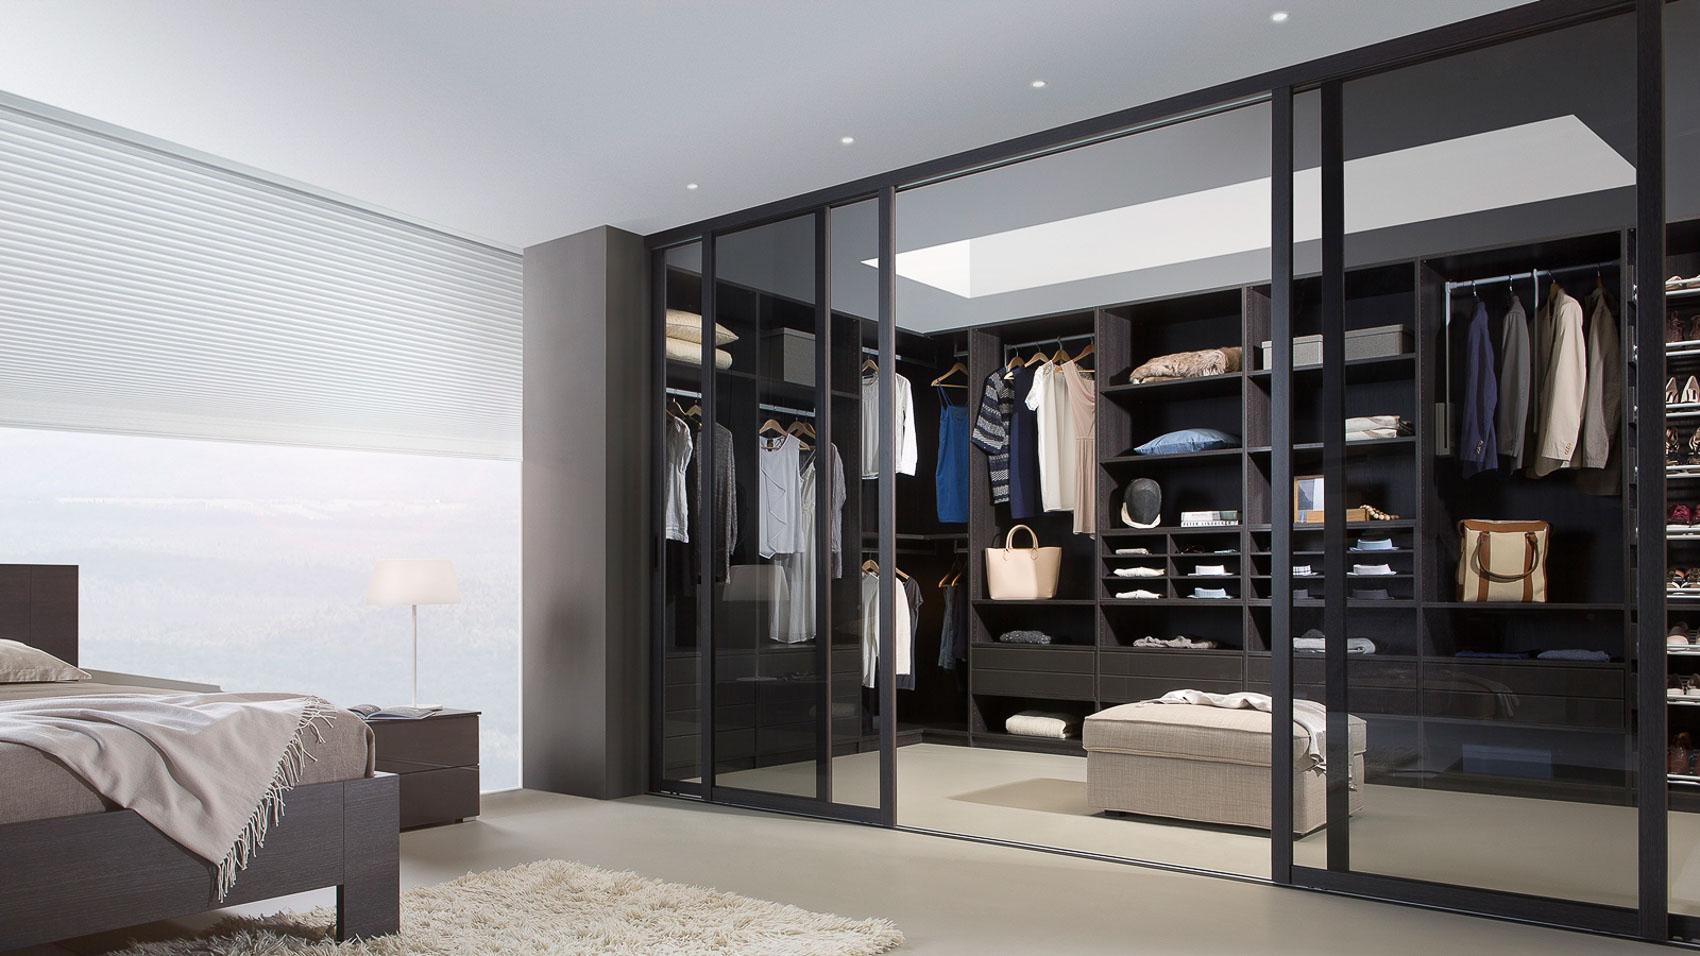 einbauschr nke und mehr noteborn schlafzimmer und bettenhaus k rner co gmbh in n rnberg. Black Bedroom Furniture Sets. Home Design Ideas